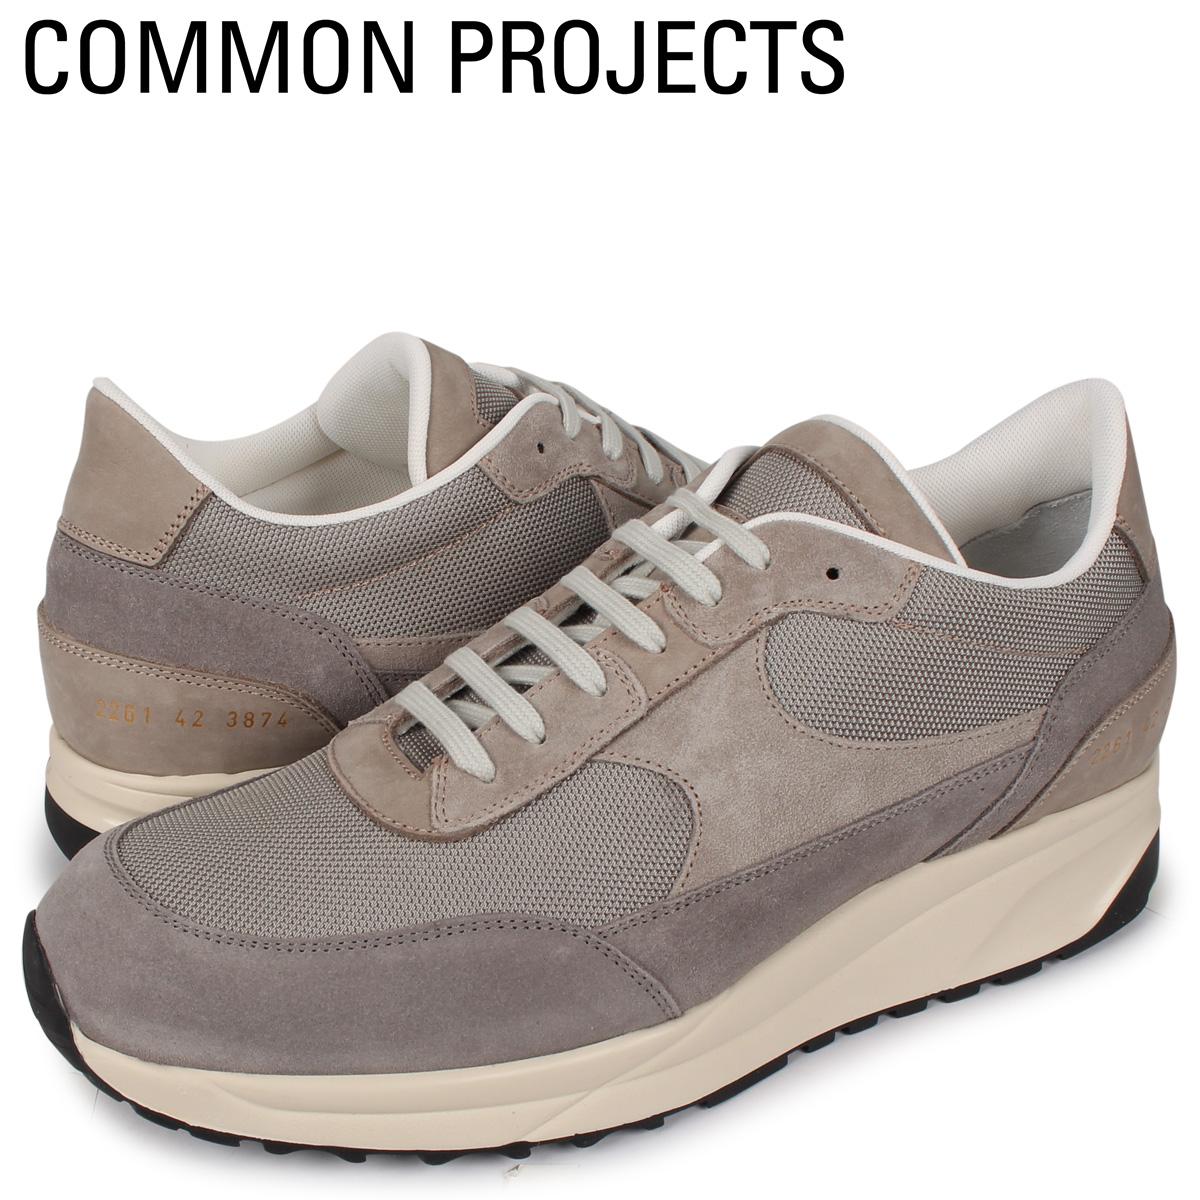 コモンプロジェクト Common Projects トラック クラシック スニーカー メンズ TRACK CLASSIC MULTI MATERIAL グレー 2261-3874W [4/2新入荷]